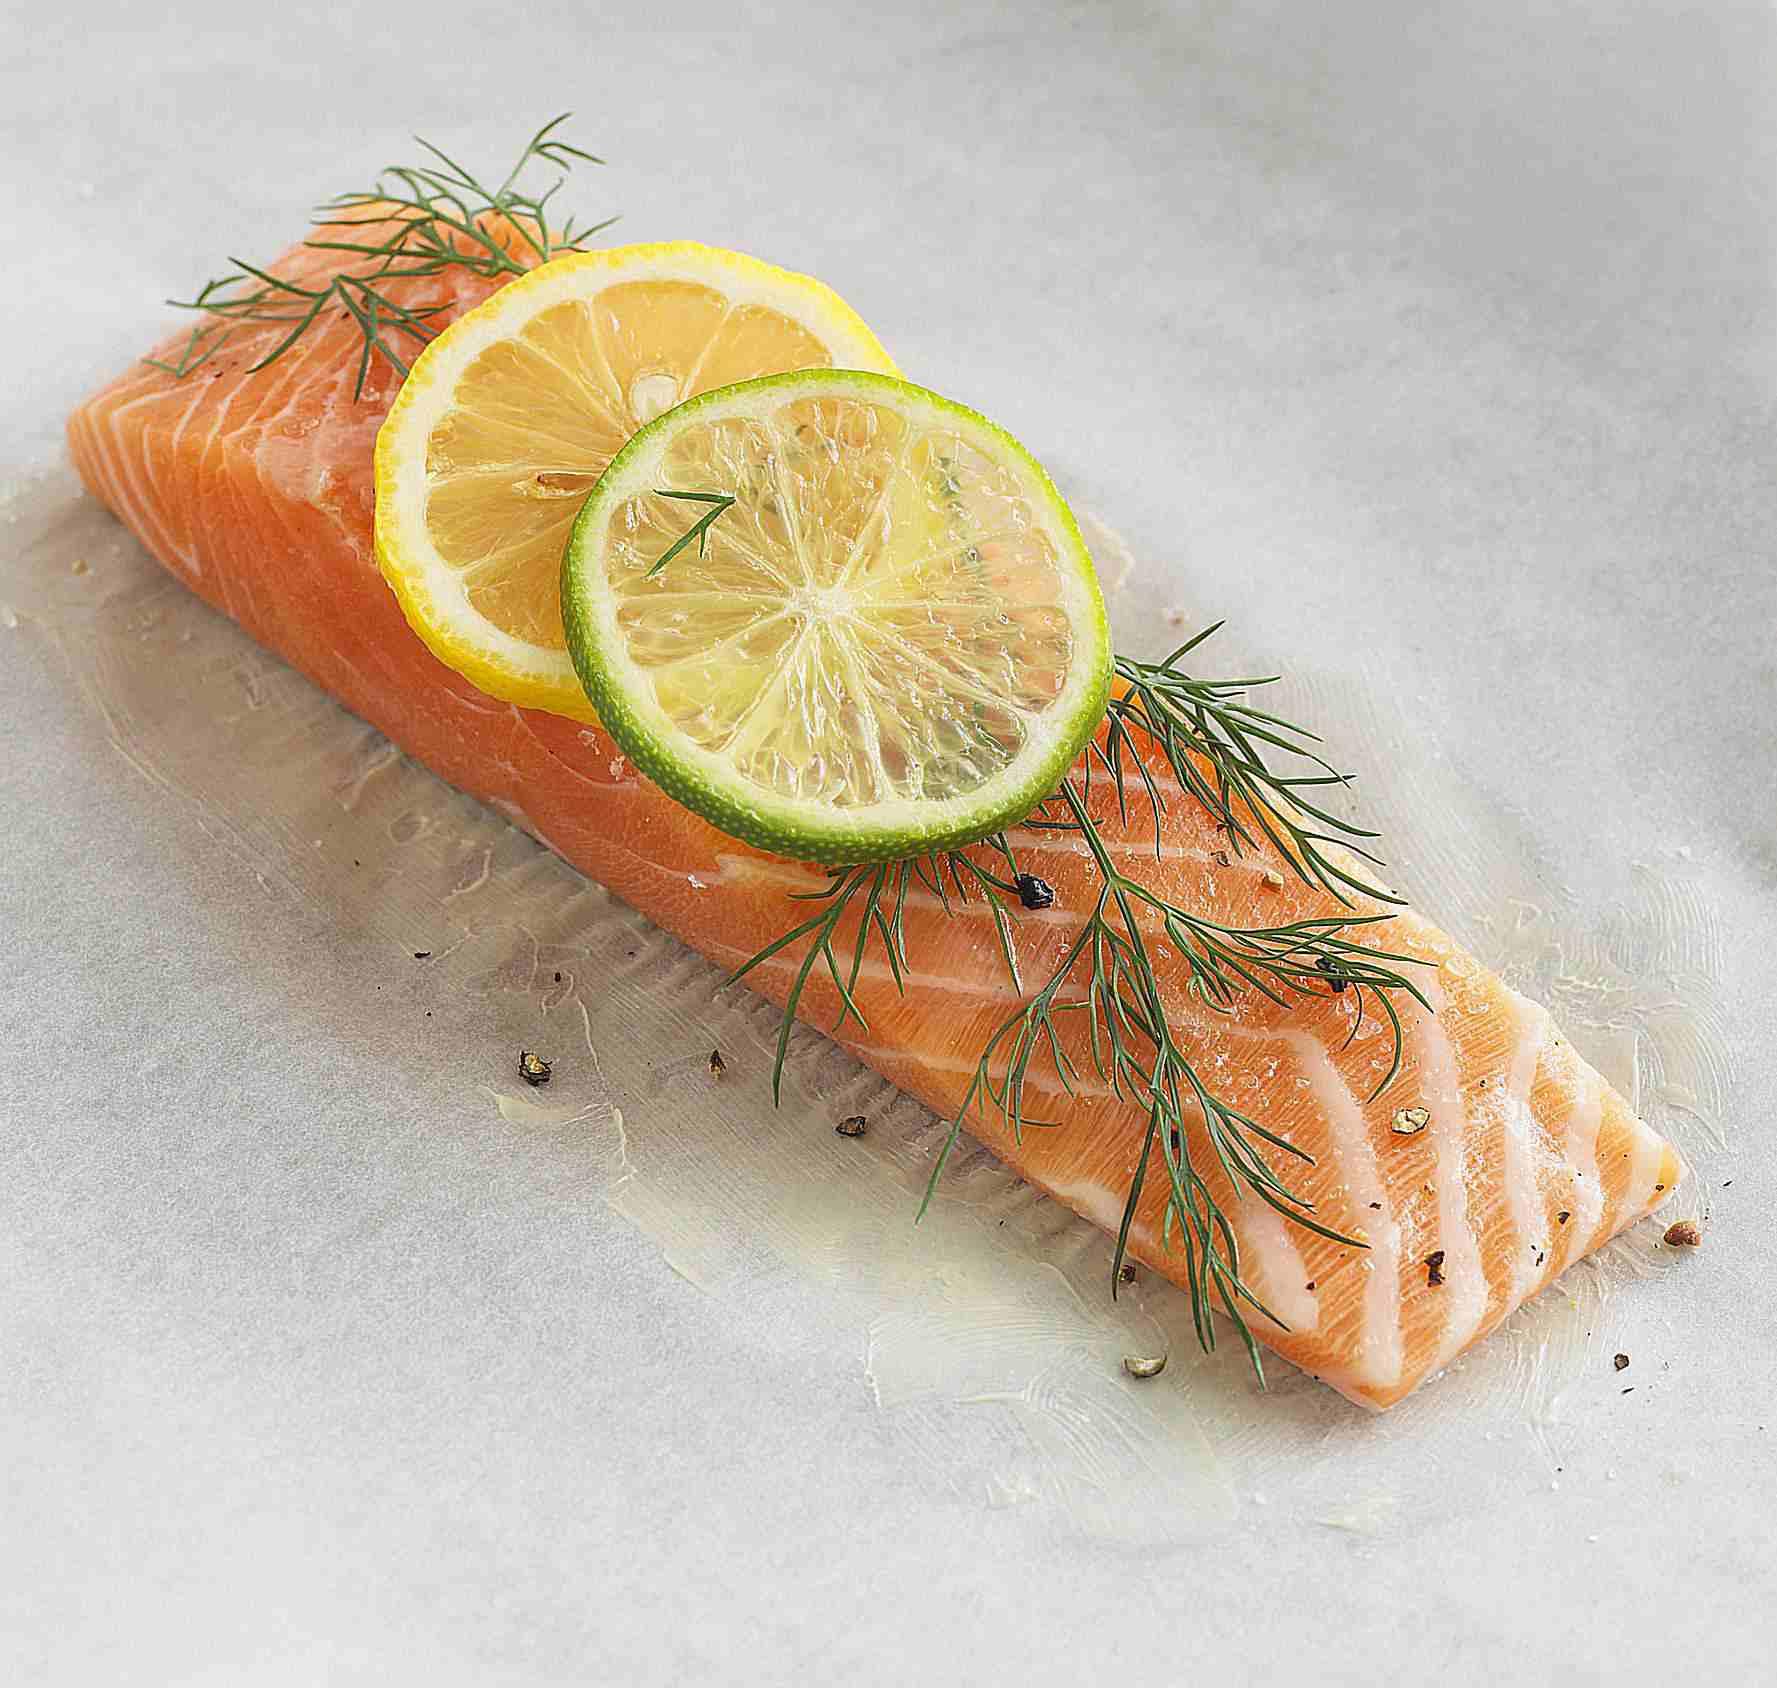 Lemon-Dill Salmon